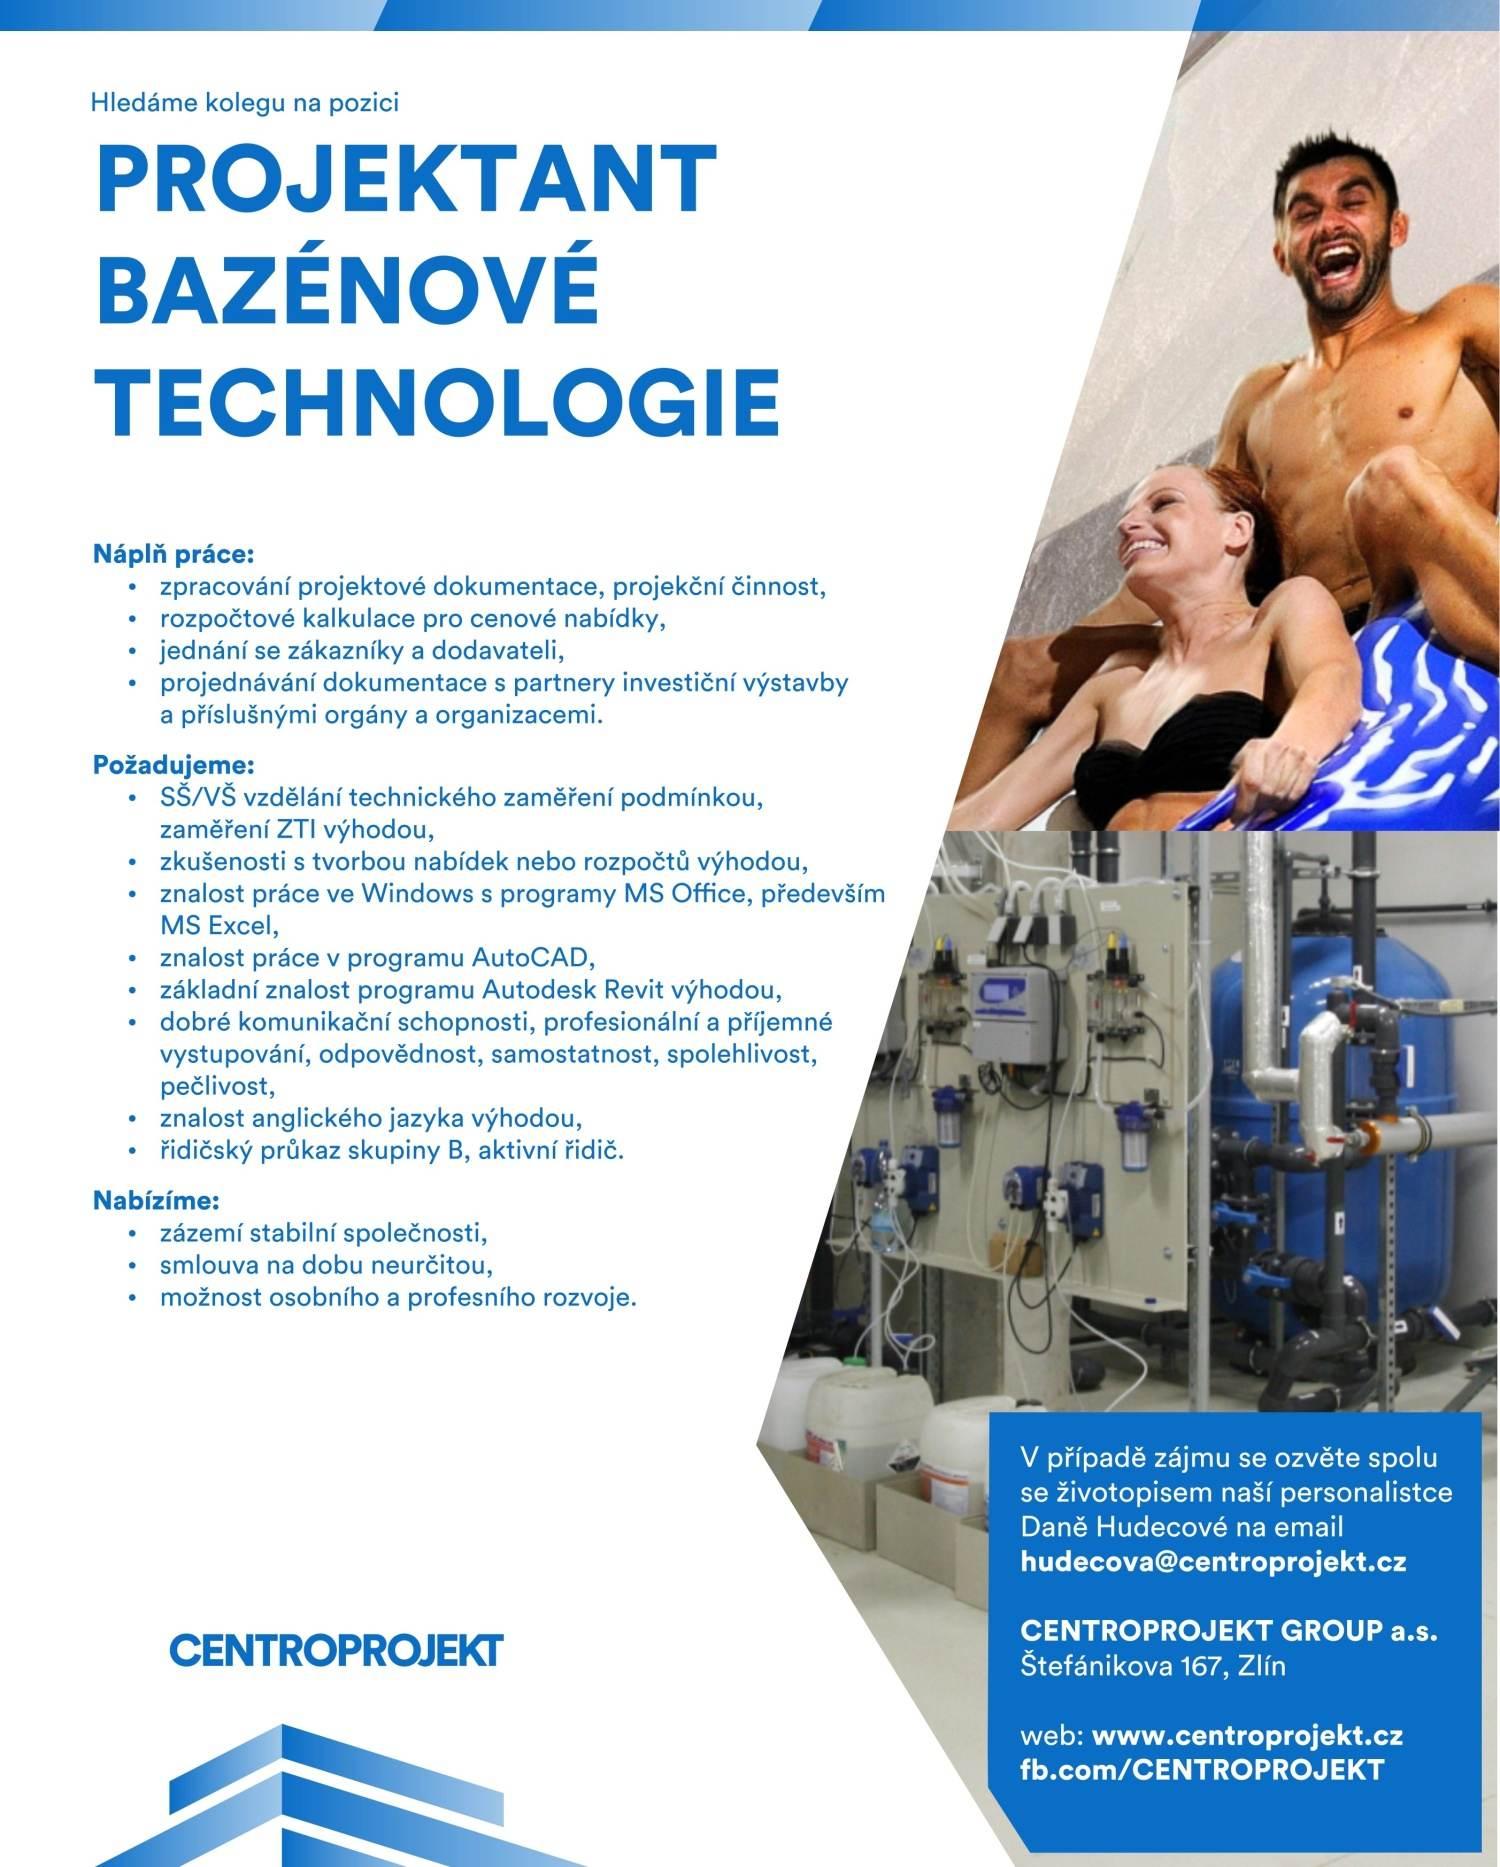 Projektant bazénové technologie _ centroprojekt